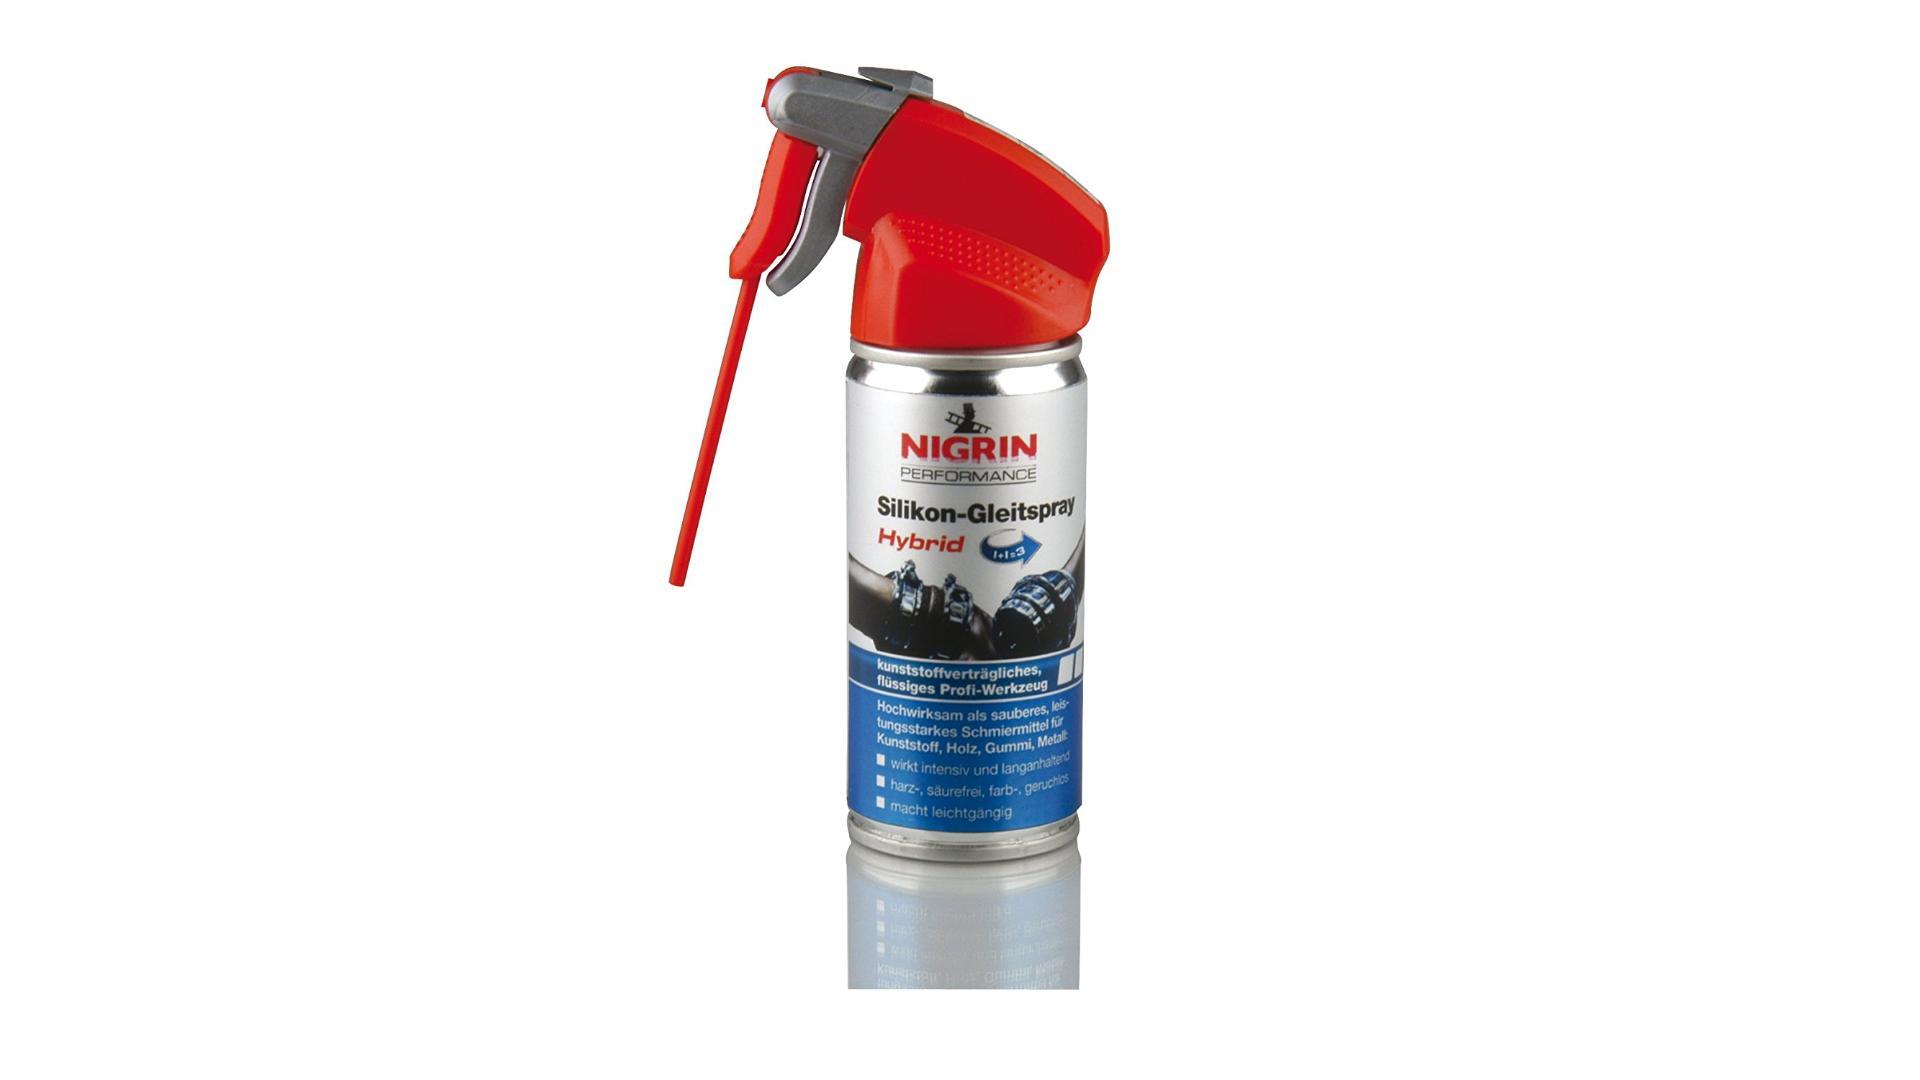 NIGRIN Silicone Oil Spray 100ml HyBrid